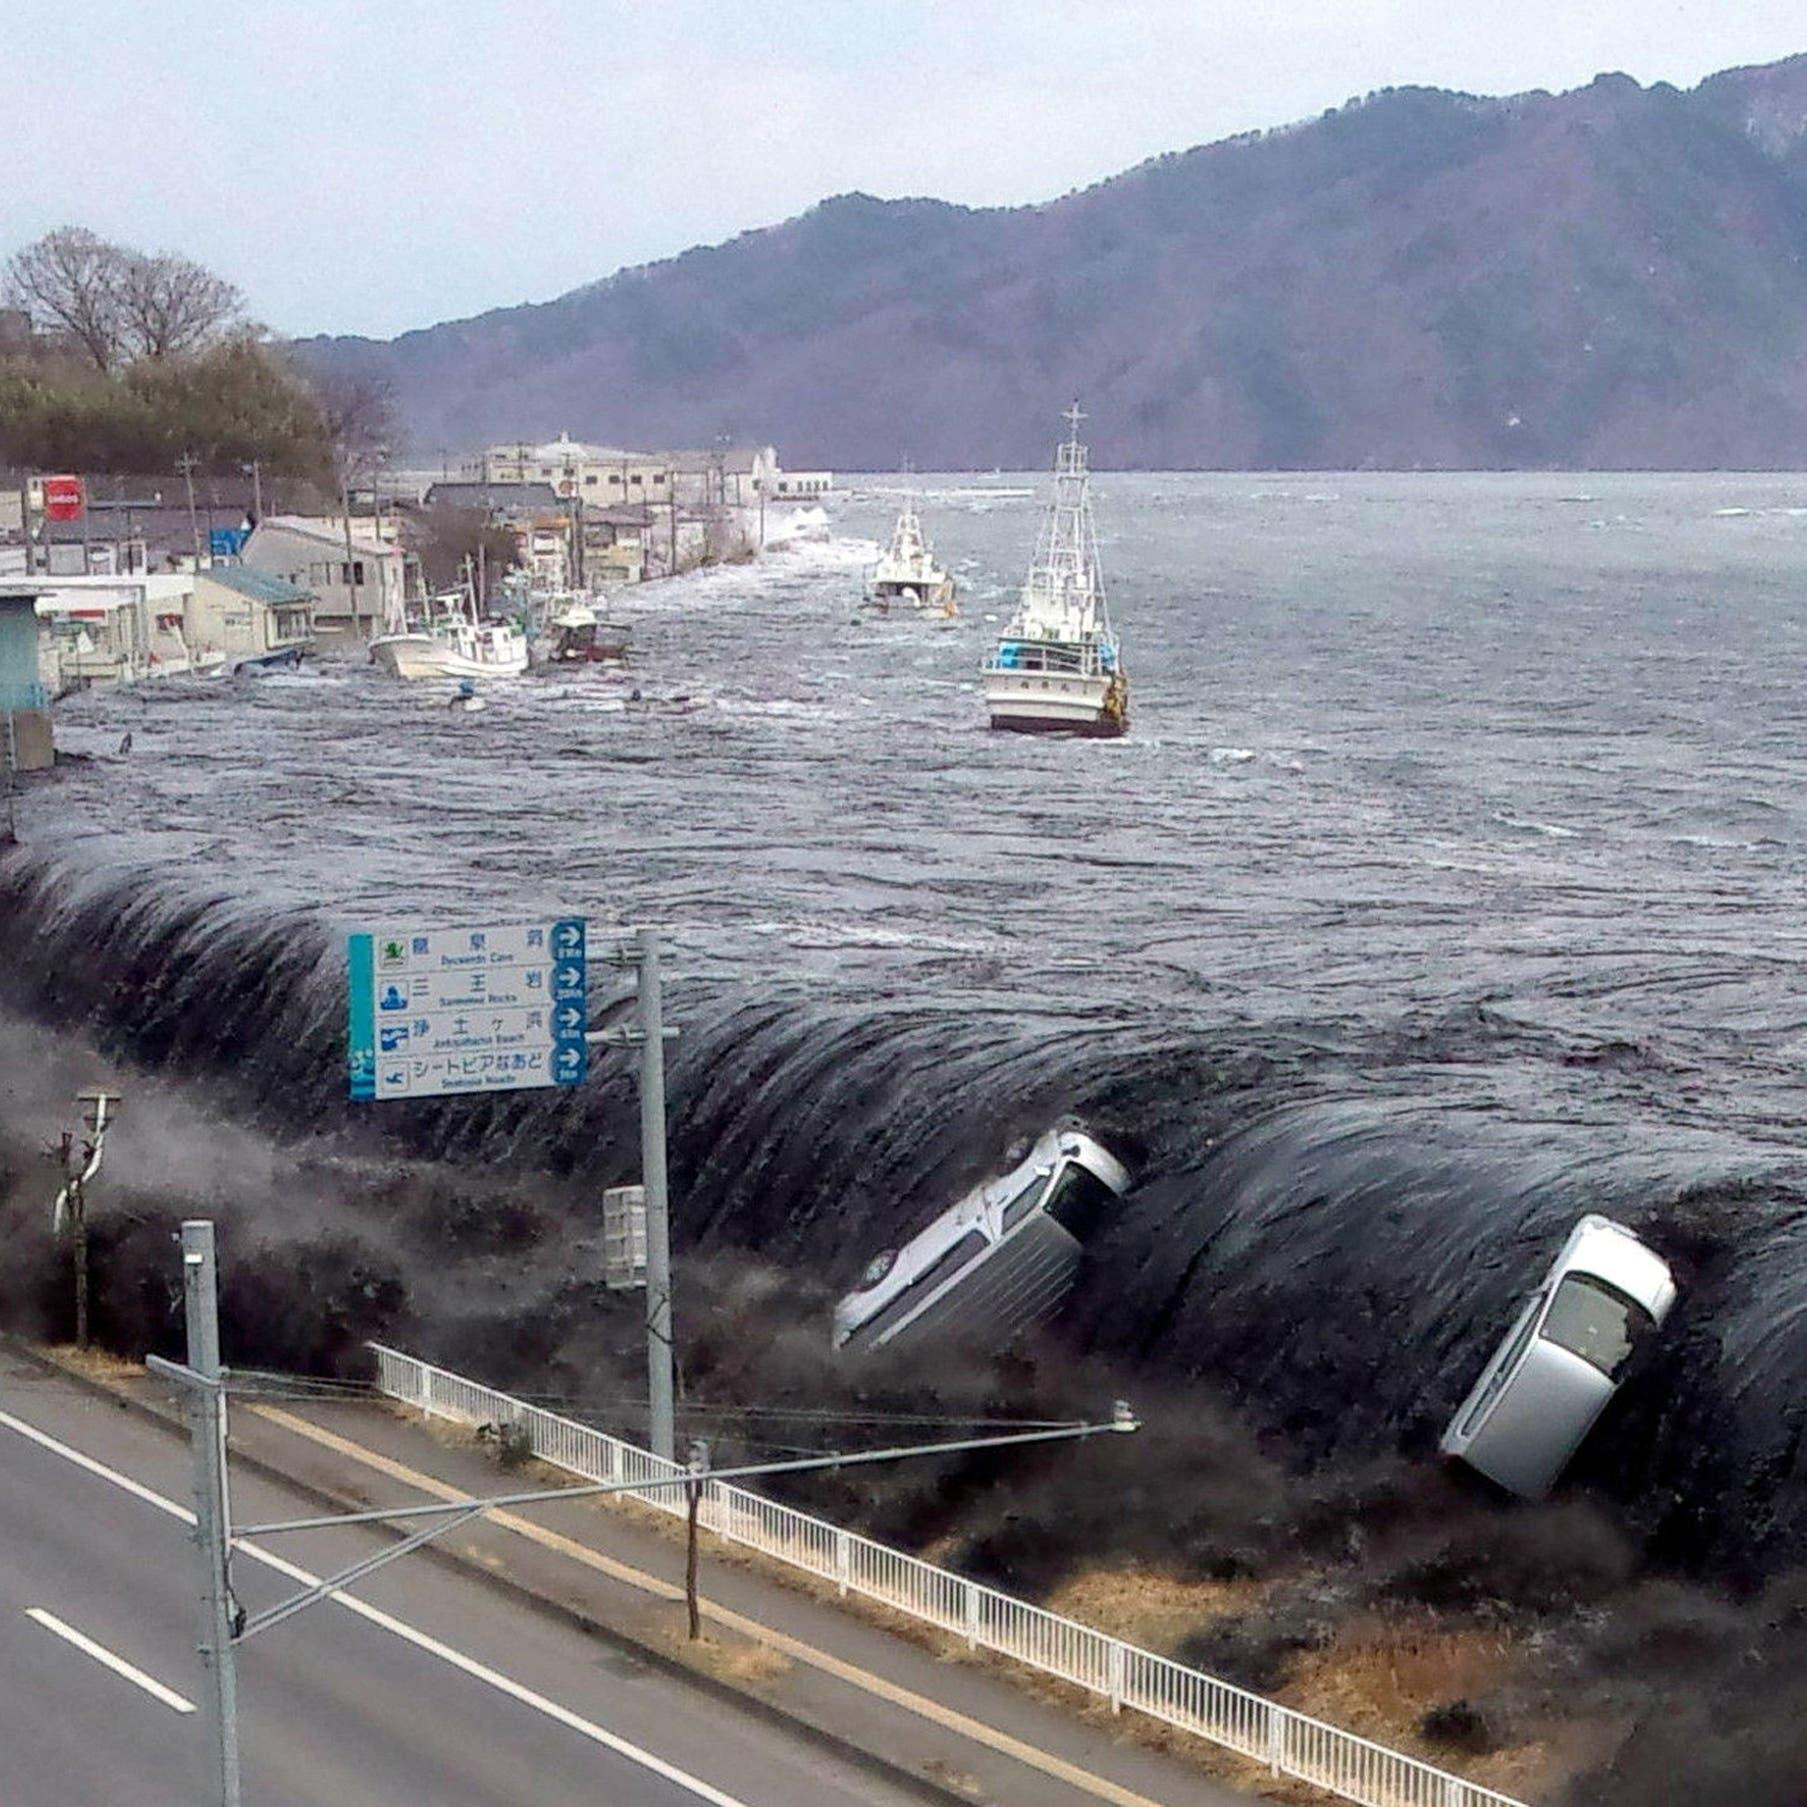 زلزال عنيف يهز اليابان.. ومخاوف من تسونامي مدمر